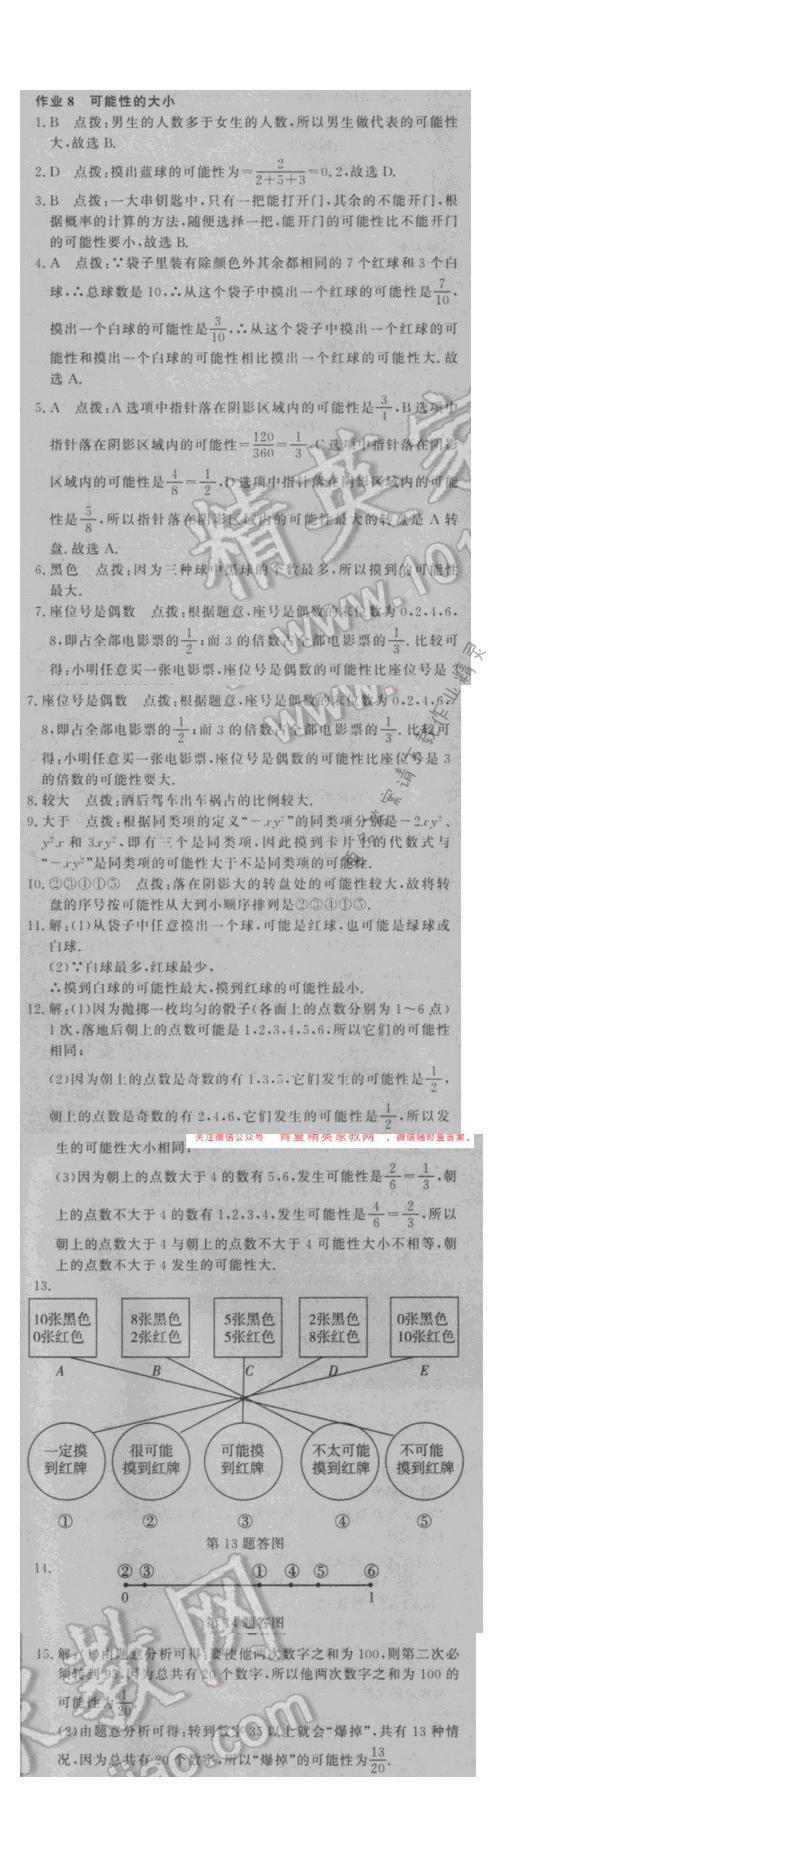 2016年启东中学作业本八年级数学下册江苏版 第八章 作业8